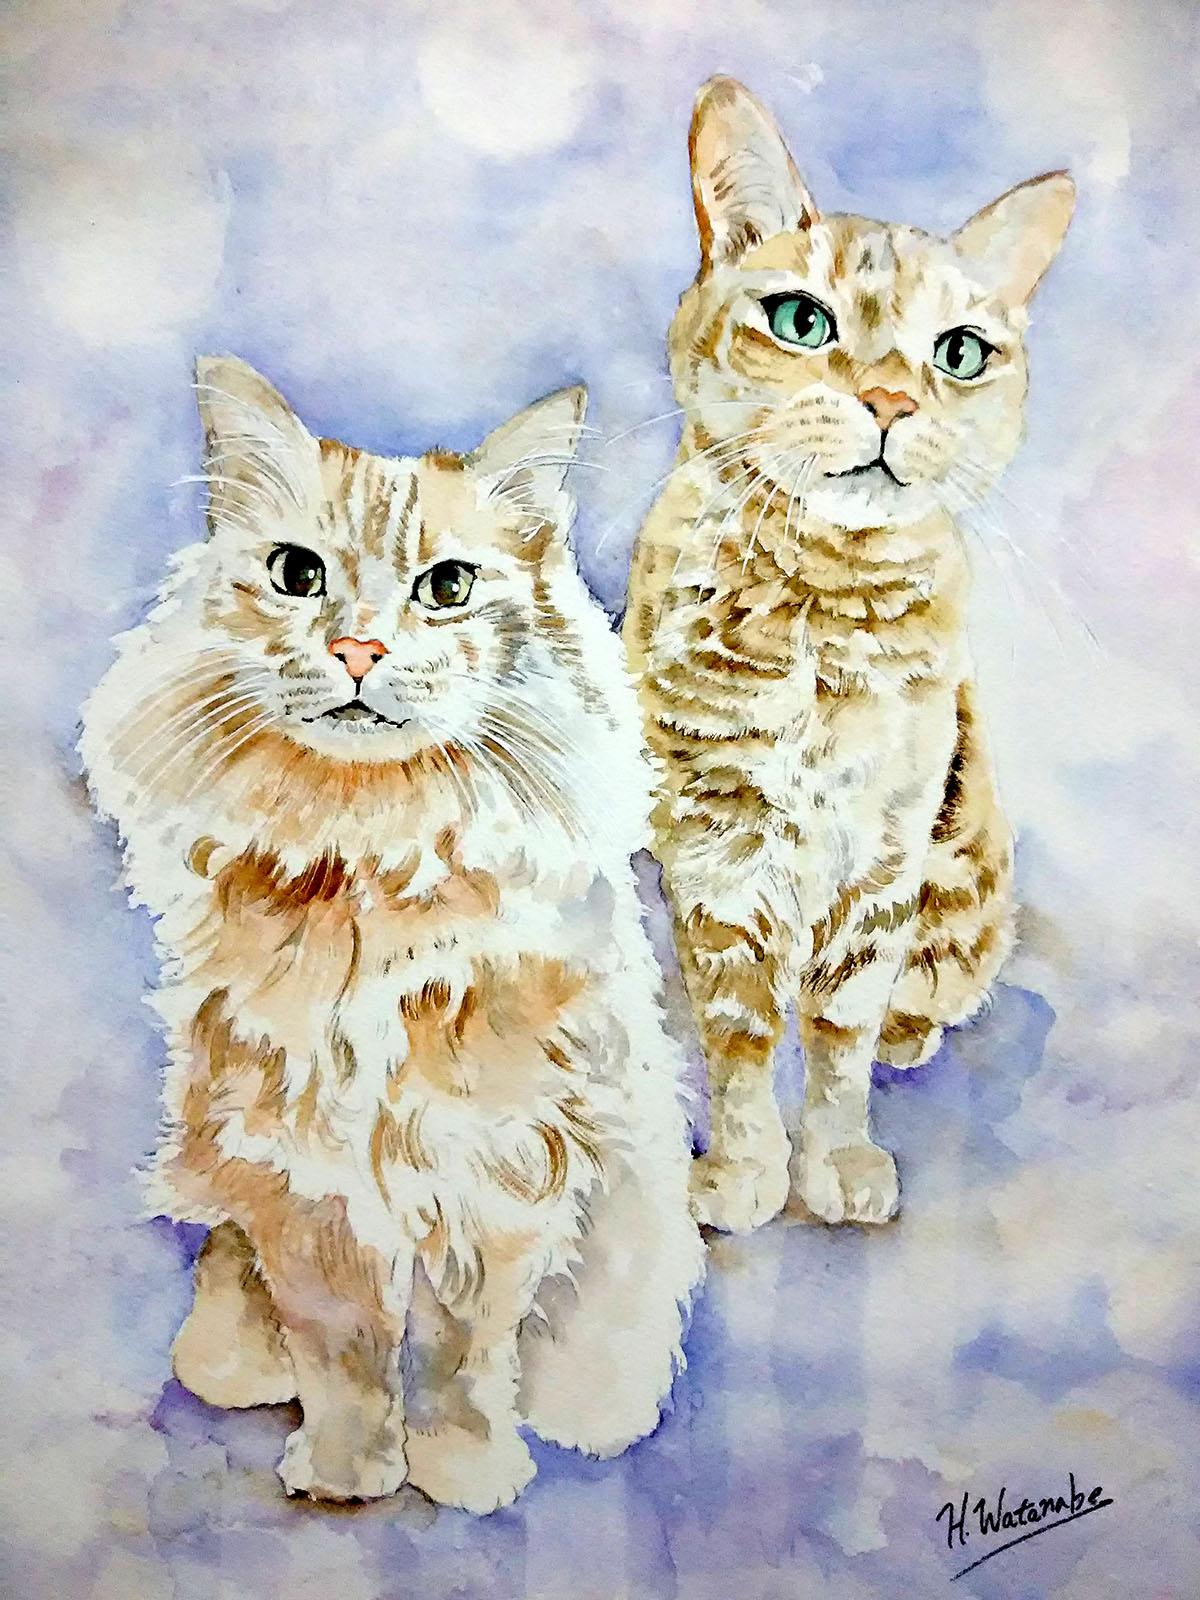 猫ちゃんの水彩画のご依頼を受け描かせていただきました